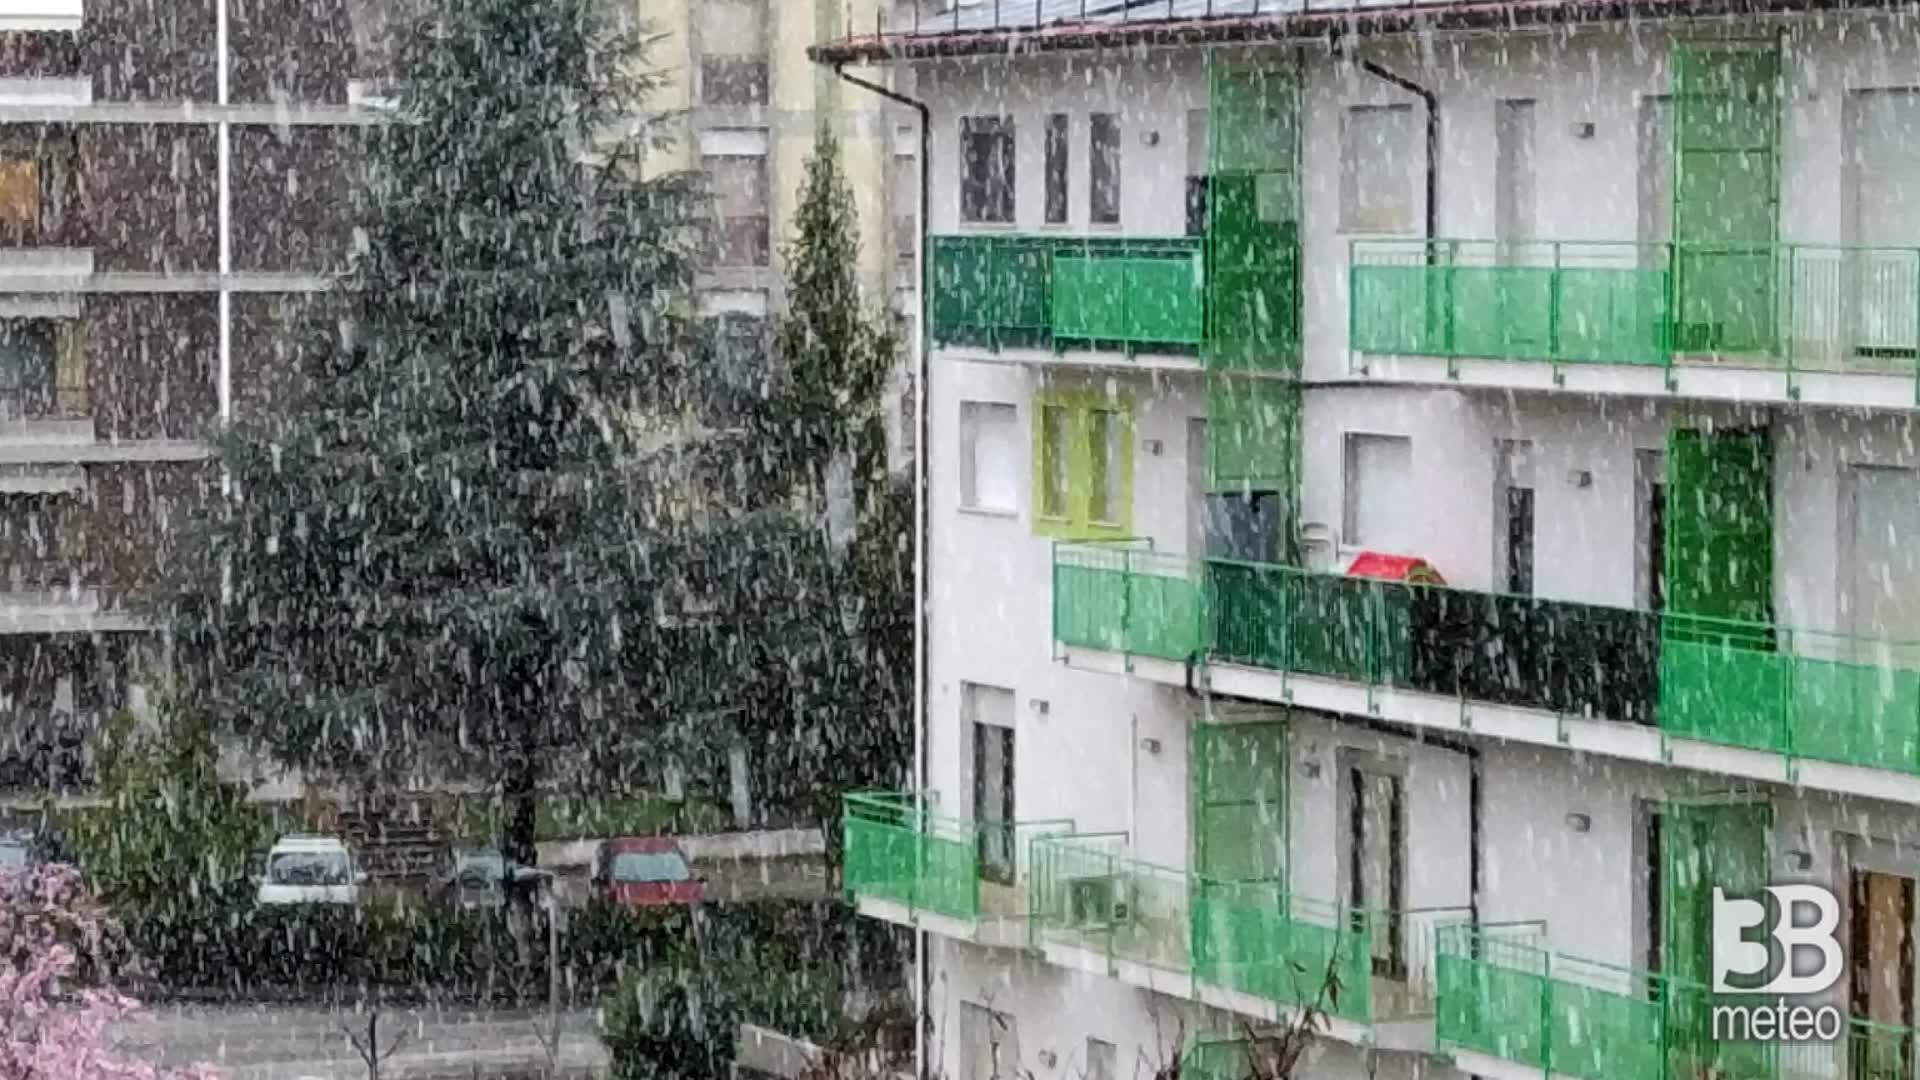 Cronaca meteo VIDEO: NEVE A SULMONA, in Abruzzo